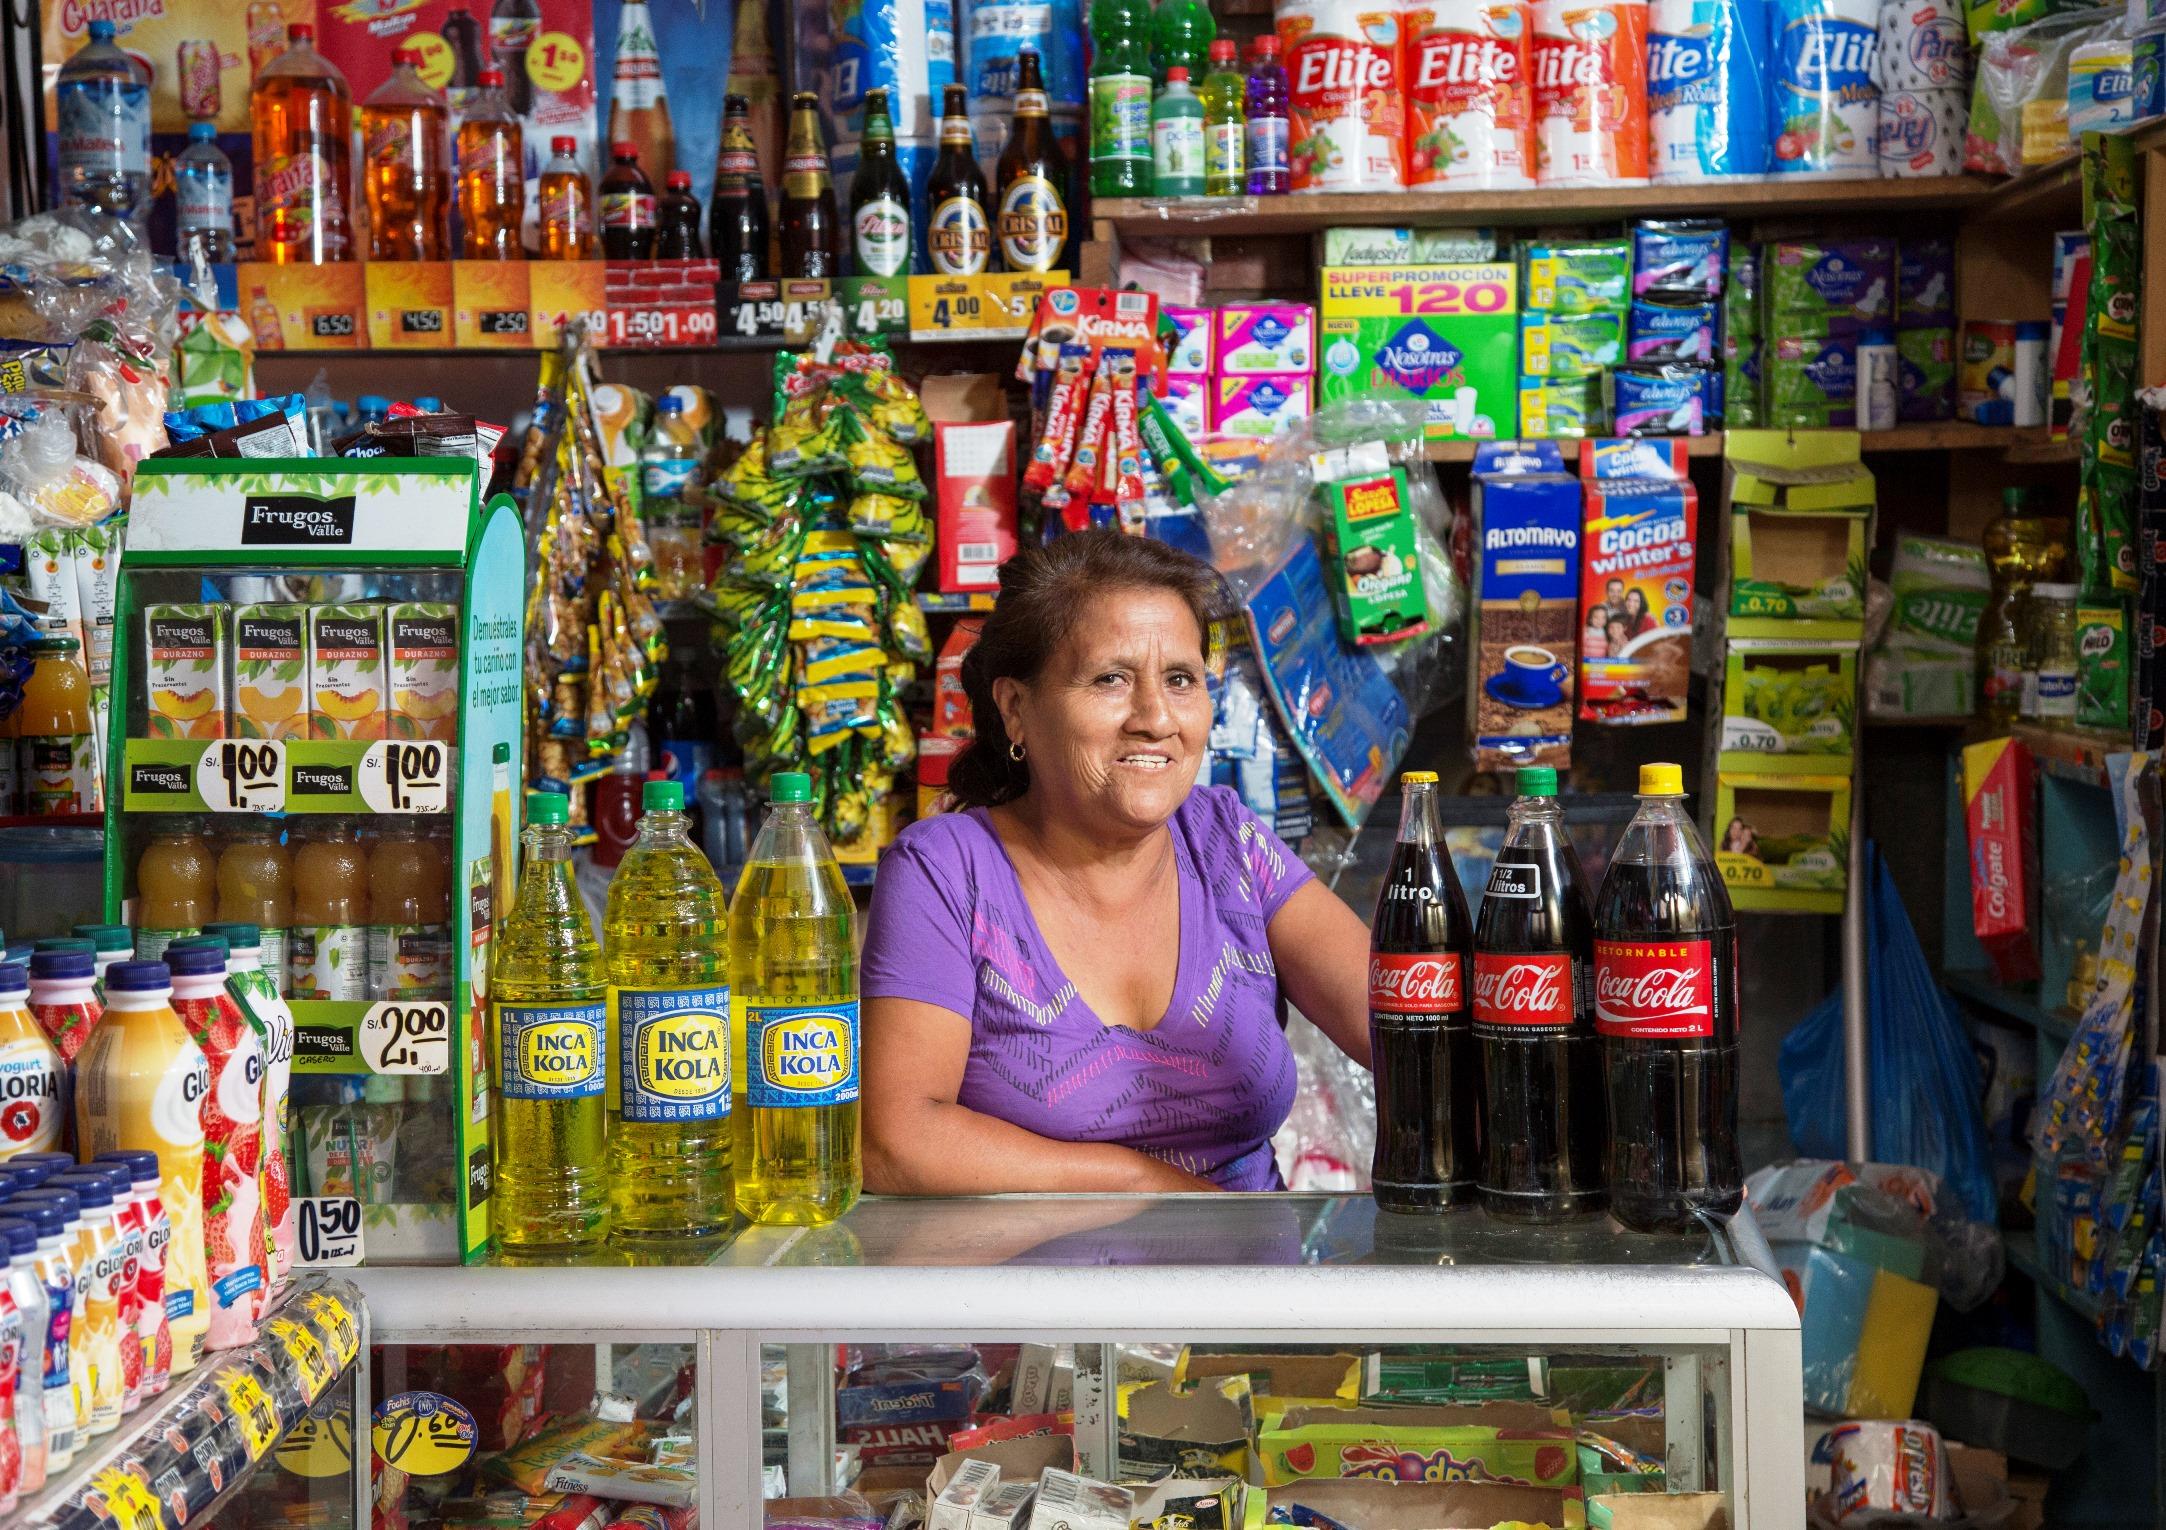 coca cola bodega - Perú: ¿Cómo se han reinventado las bodegas en tiempos de Covid-19?